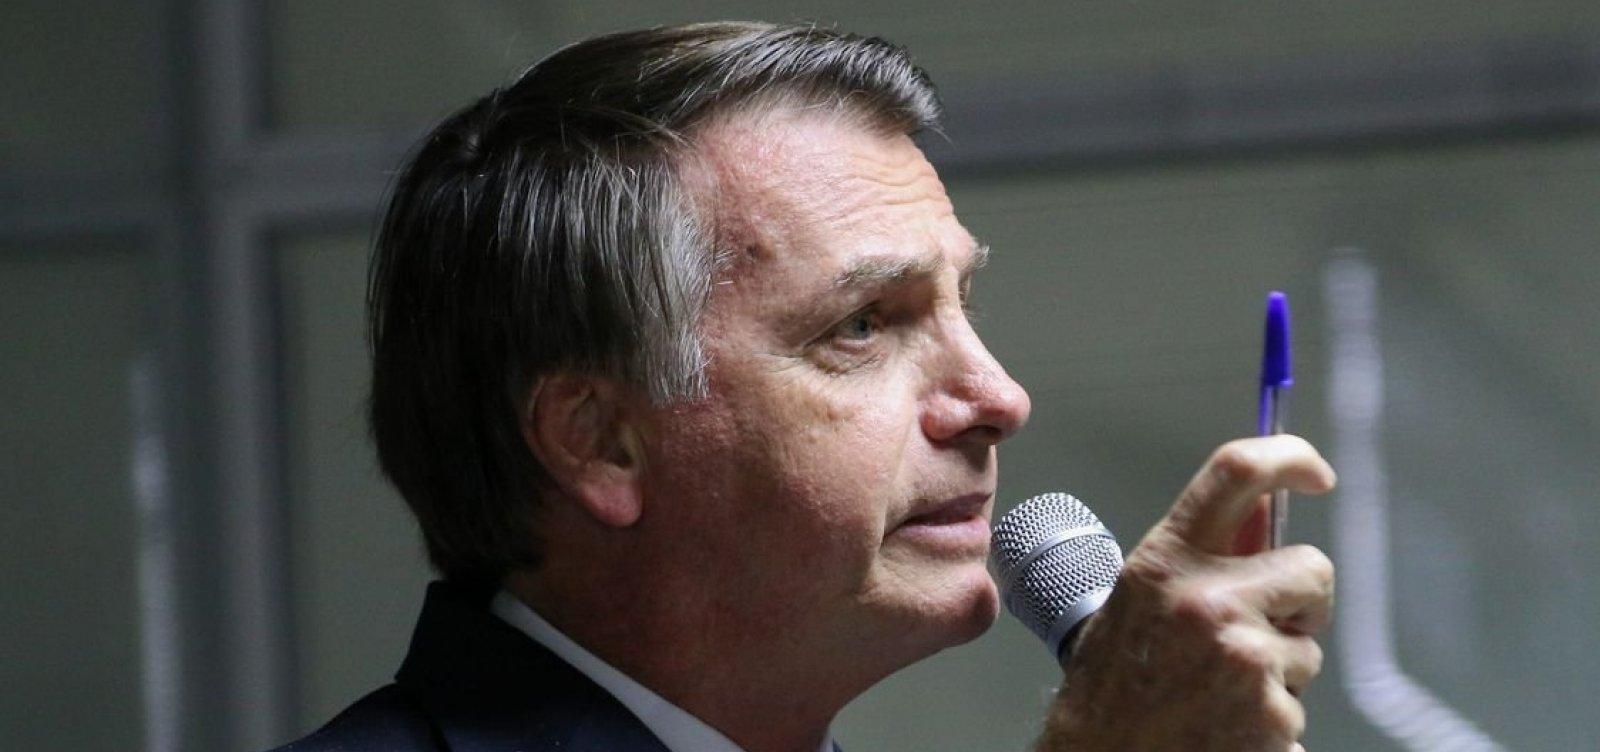 [MP 871 irá economizar cerca de R$ 10 bilhões por ano, diz Bolsonaro]